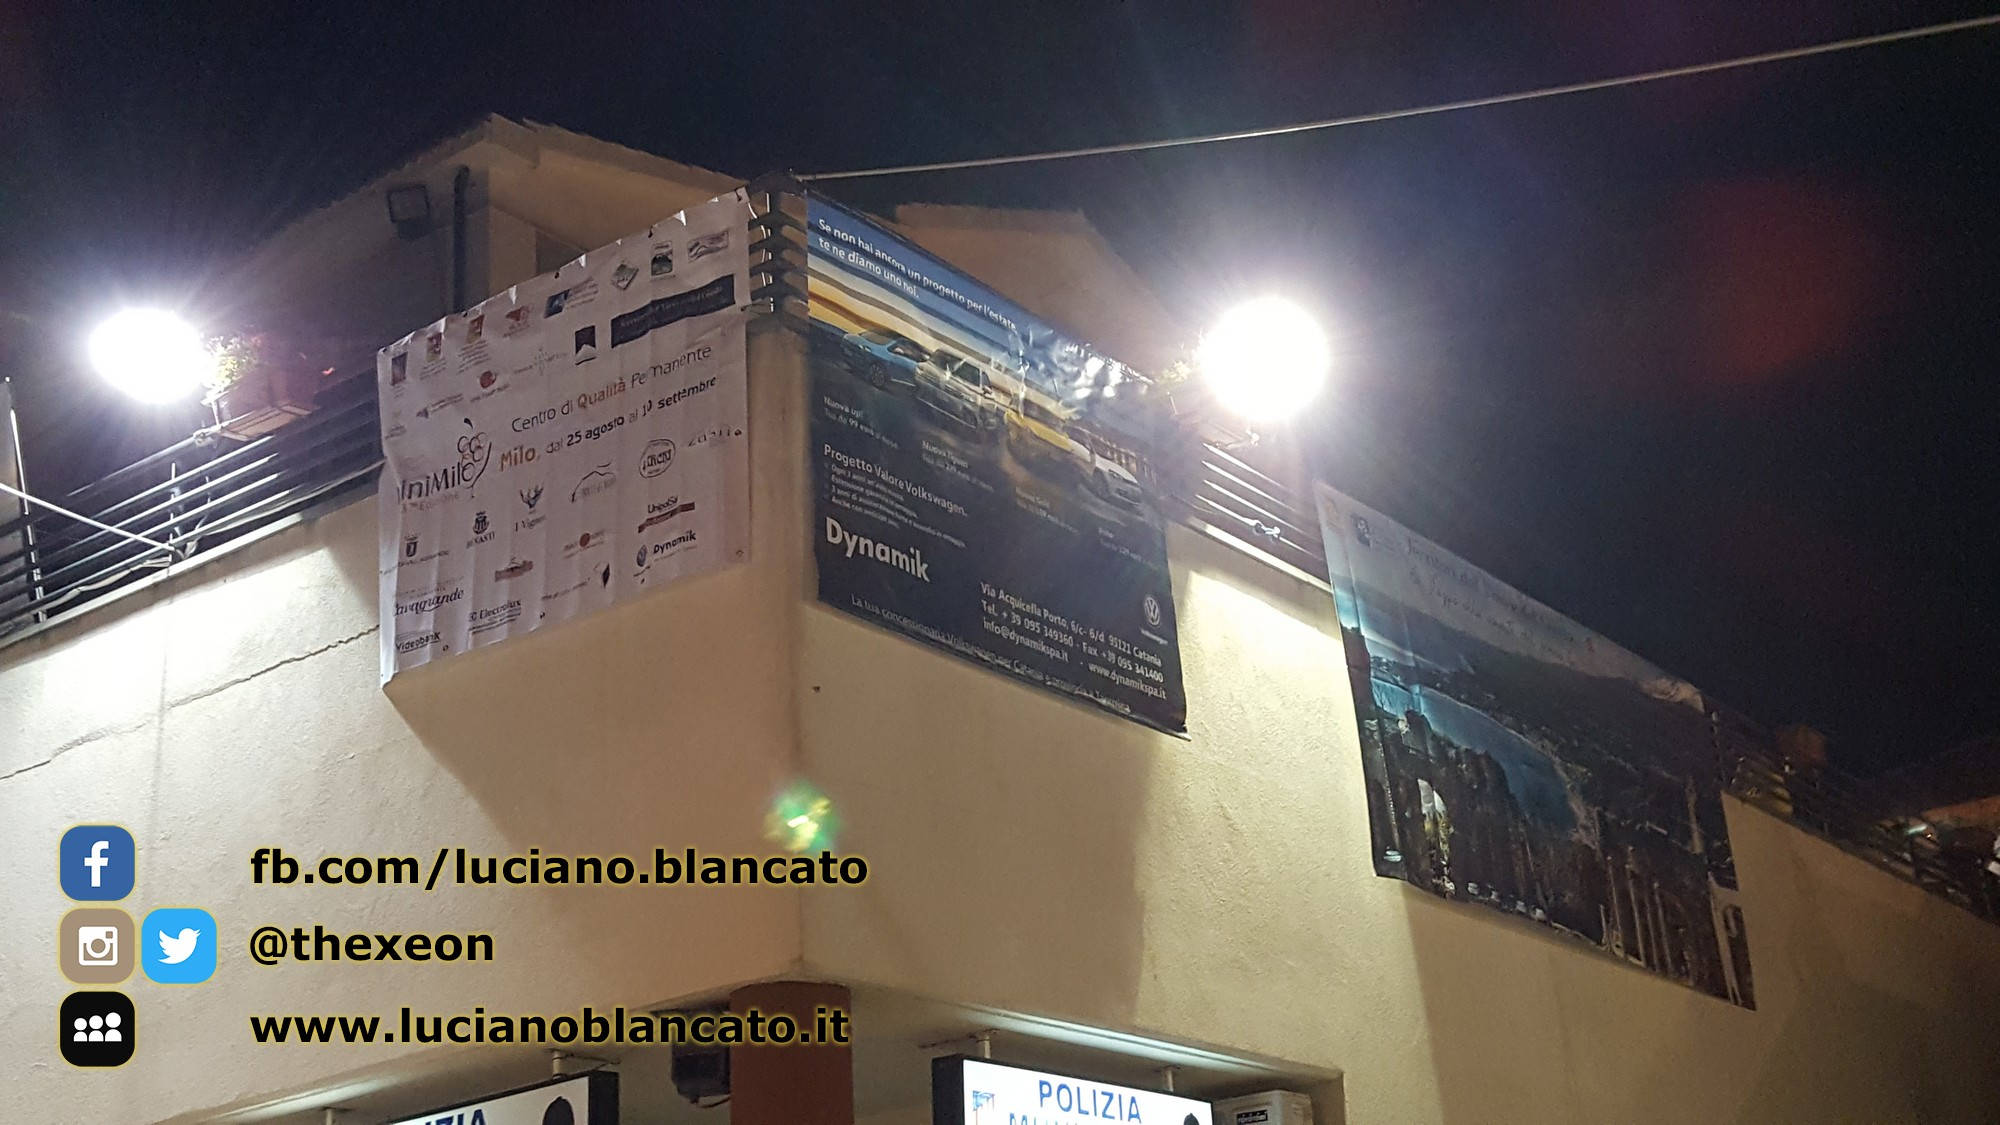 copy_ViniMilo 37a edizione - Piazza